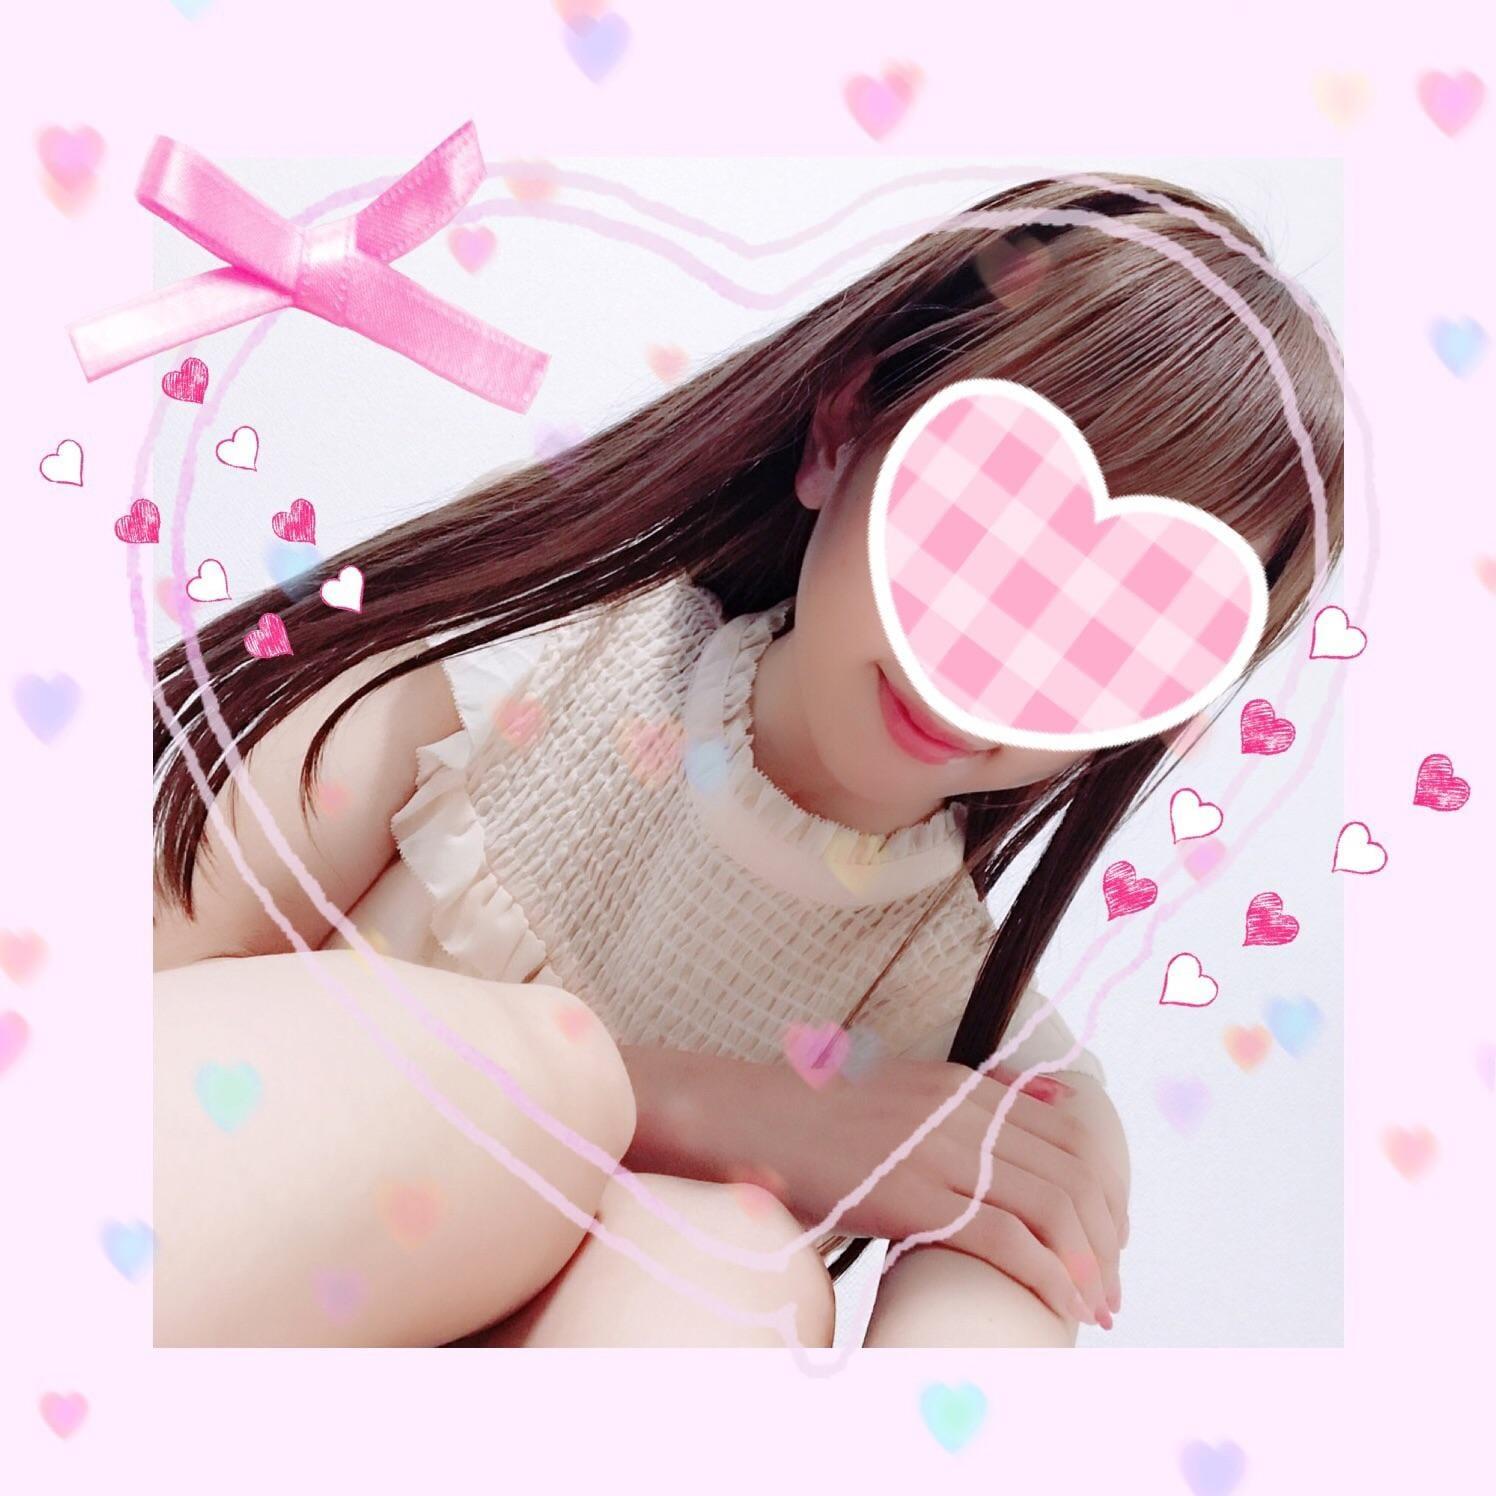 「まお♡こんばんは♡」06/22日(金) 21:07 | まおの写メ・風俗動画